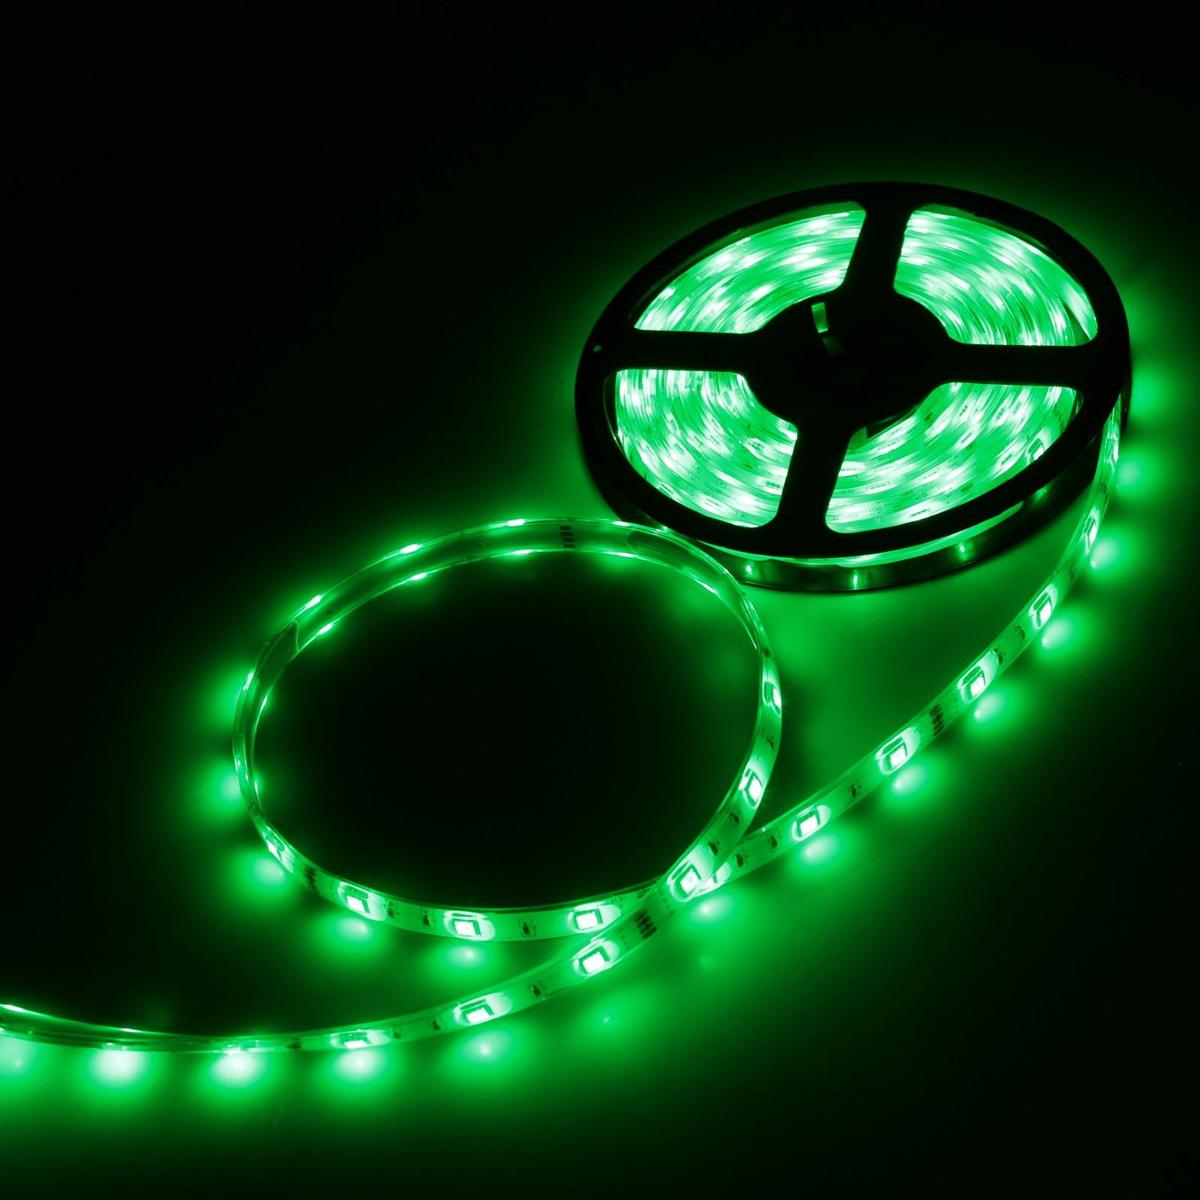 Светодиодная лента Luazon, 12В, SMD5050, длина 5 м, IP68, 30 LED ламп, 7.2 Вт/м, 14-16 Лм/1 LED, DC, цвет: зеленый883934Светодиодные гирлянды, ленты и т.д — это отличный вариант для новогоднего оформления интерьера или фасада. С их помощью помещение любого размера можно превратить в праздничный зал, а внешние элементы зданий, украшенные ими, мгновенно станут напоминать очертания сказочного дворца. Такие украшения создают ауру предвкушения чуда. Деревья, фасады, витрины, окна и арки будто специально созданы, чтобы вы украсили их светящимися нитями.